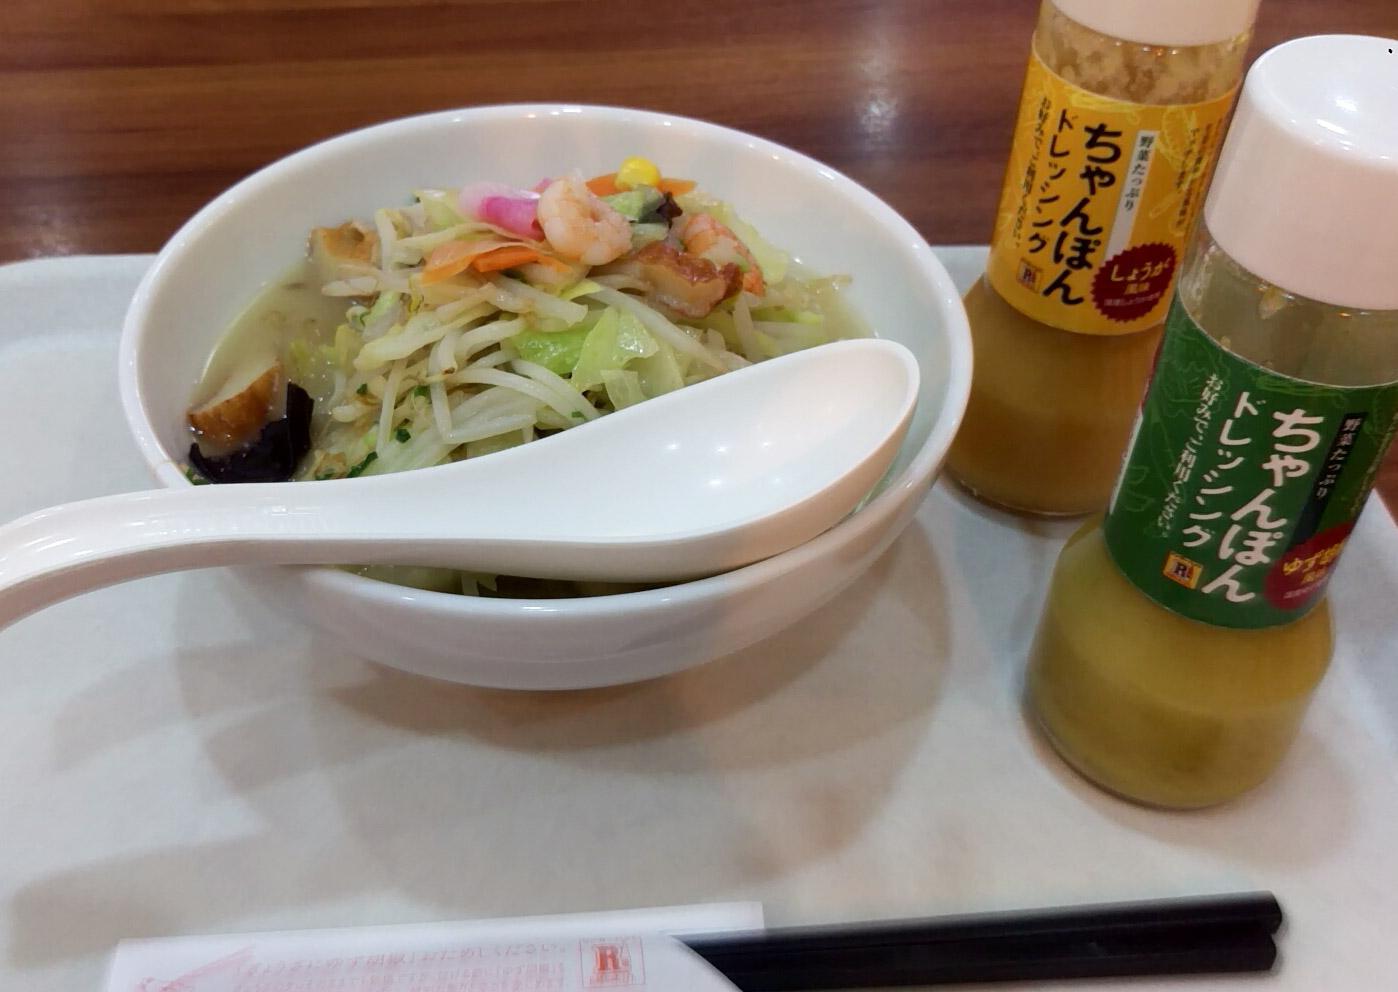 野菜たっぷり食べるスープ 塩味